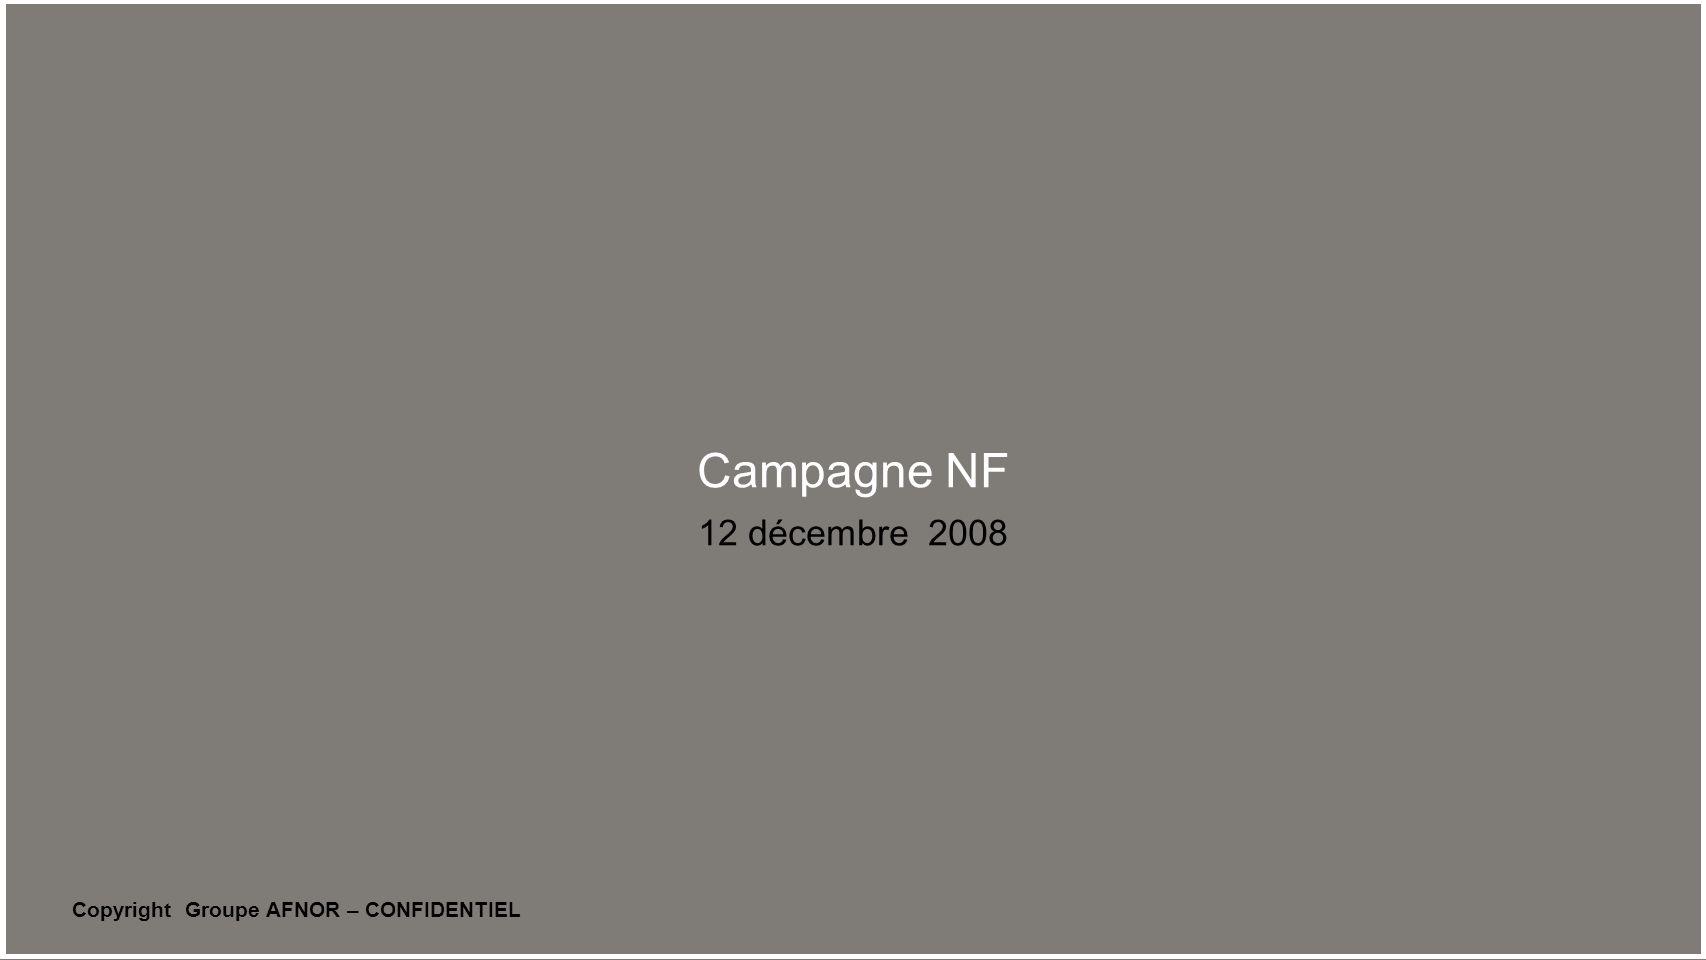 Copyright Groupe AFNOR – CONFIDENTIEL Campagne NF 12 décembre 2008